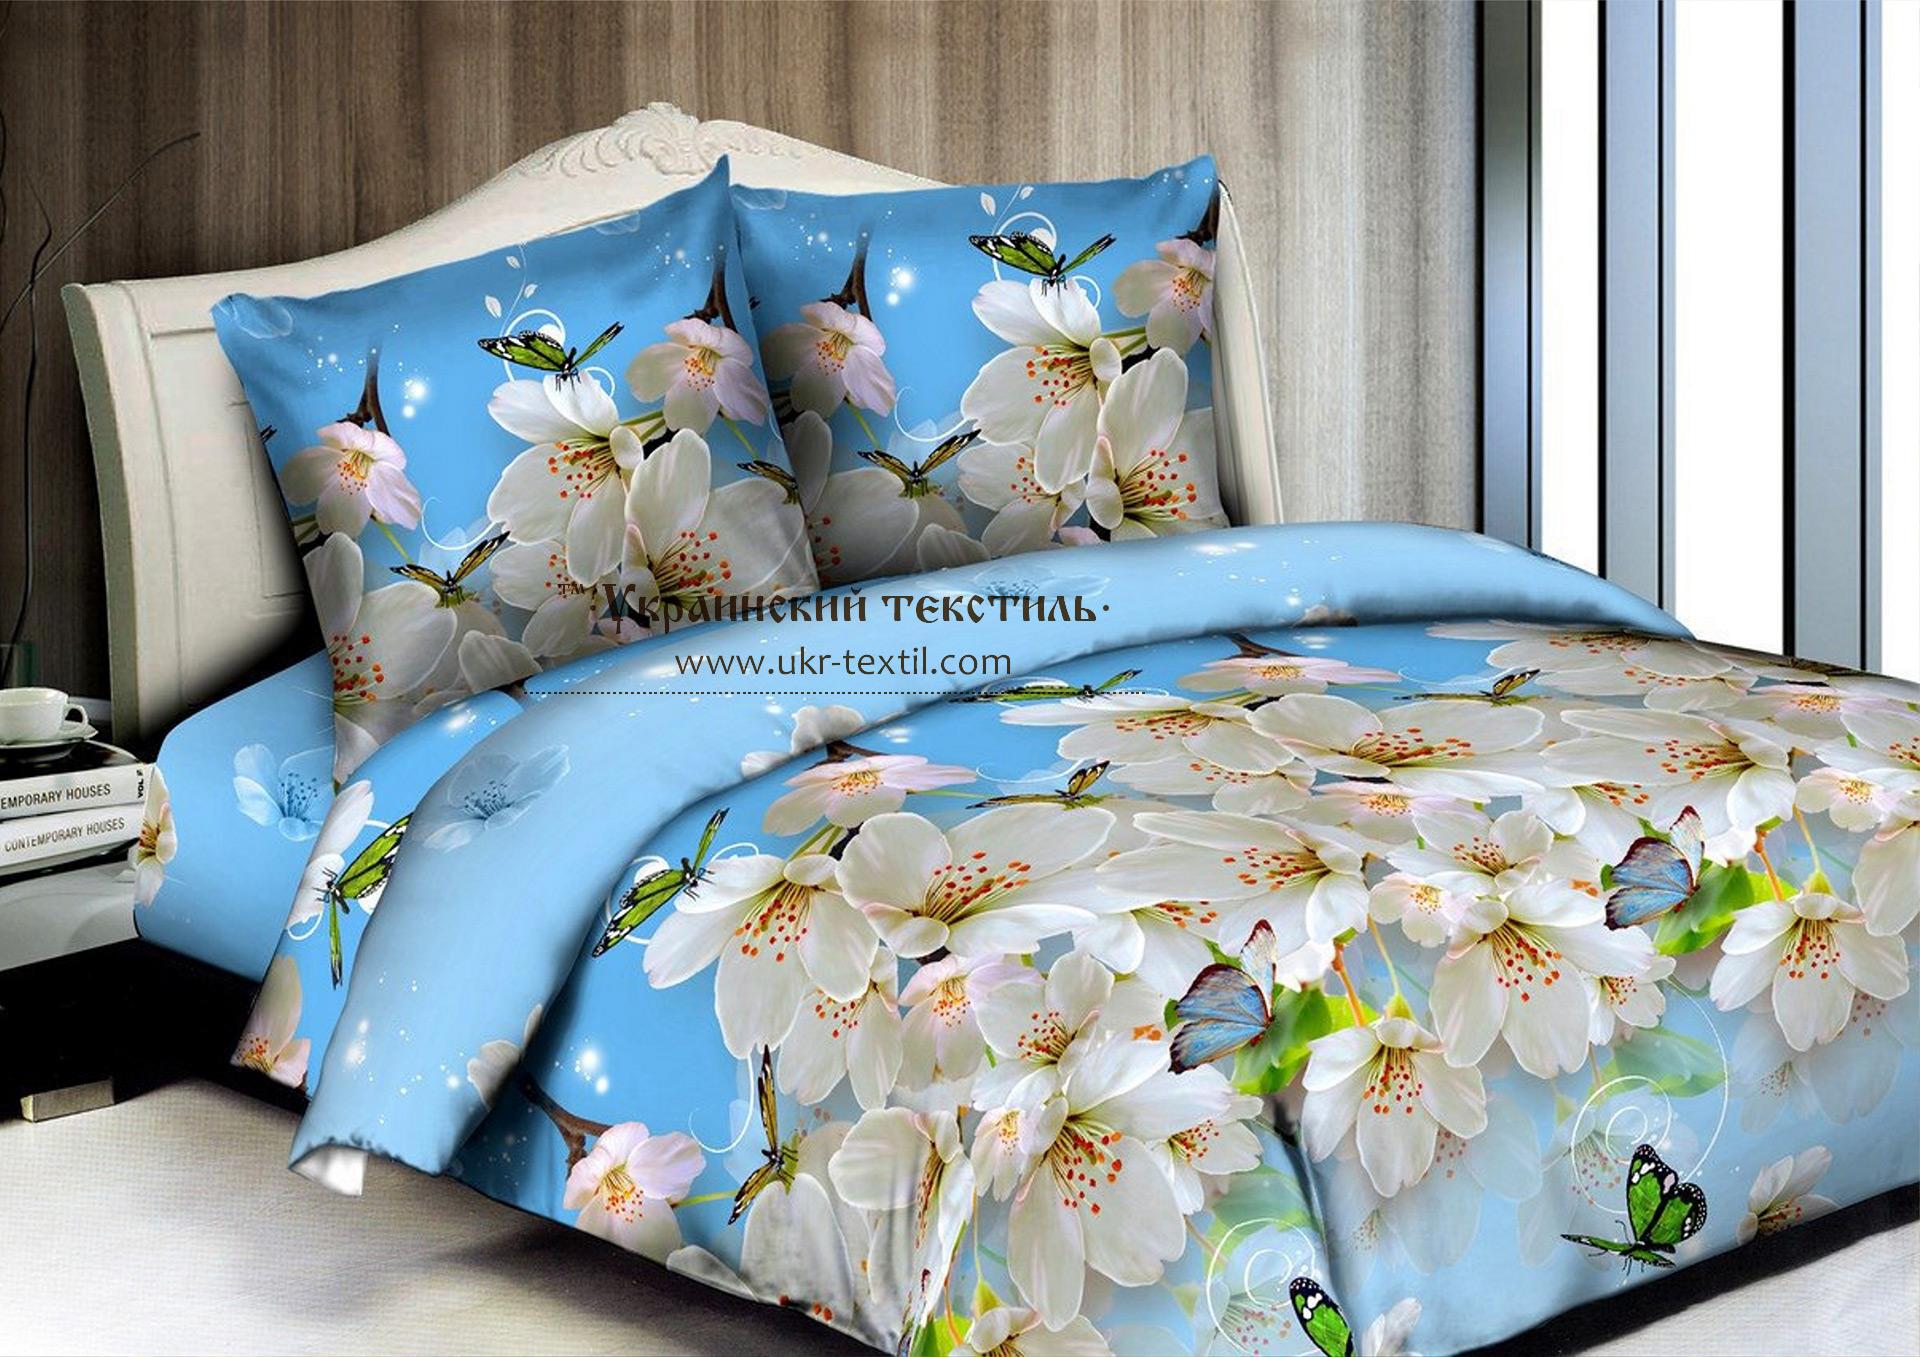 постельное белье двуспальное полиэстер украина купить оптом дешево 08c7f9e330fa4